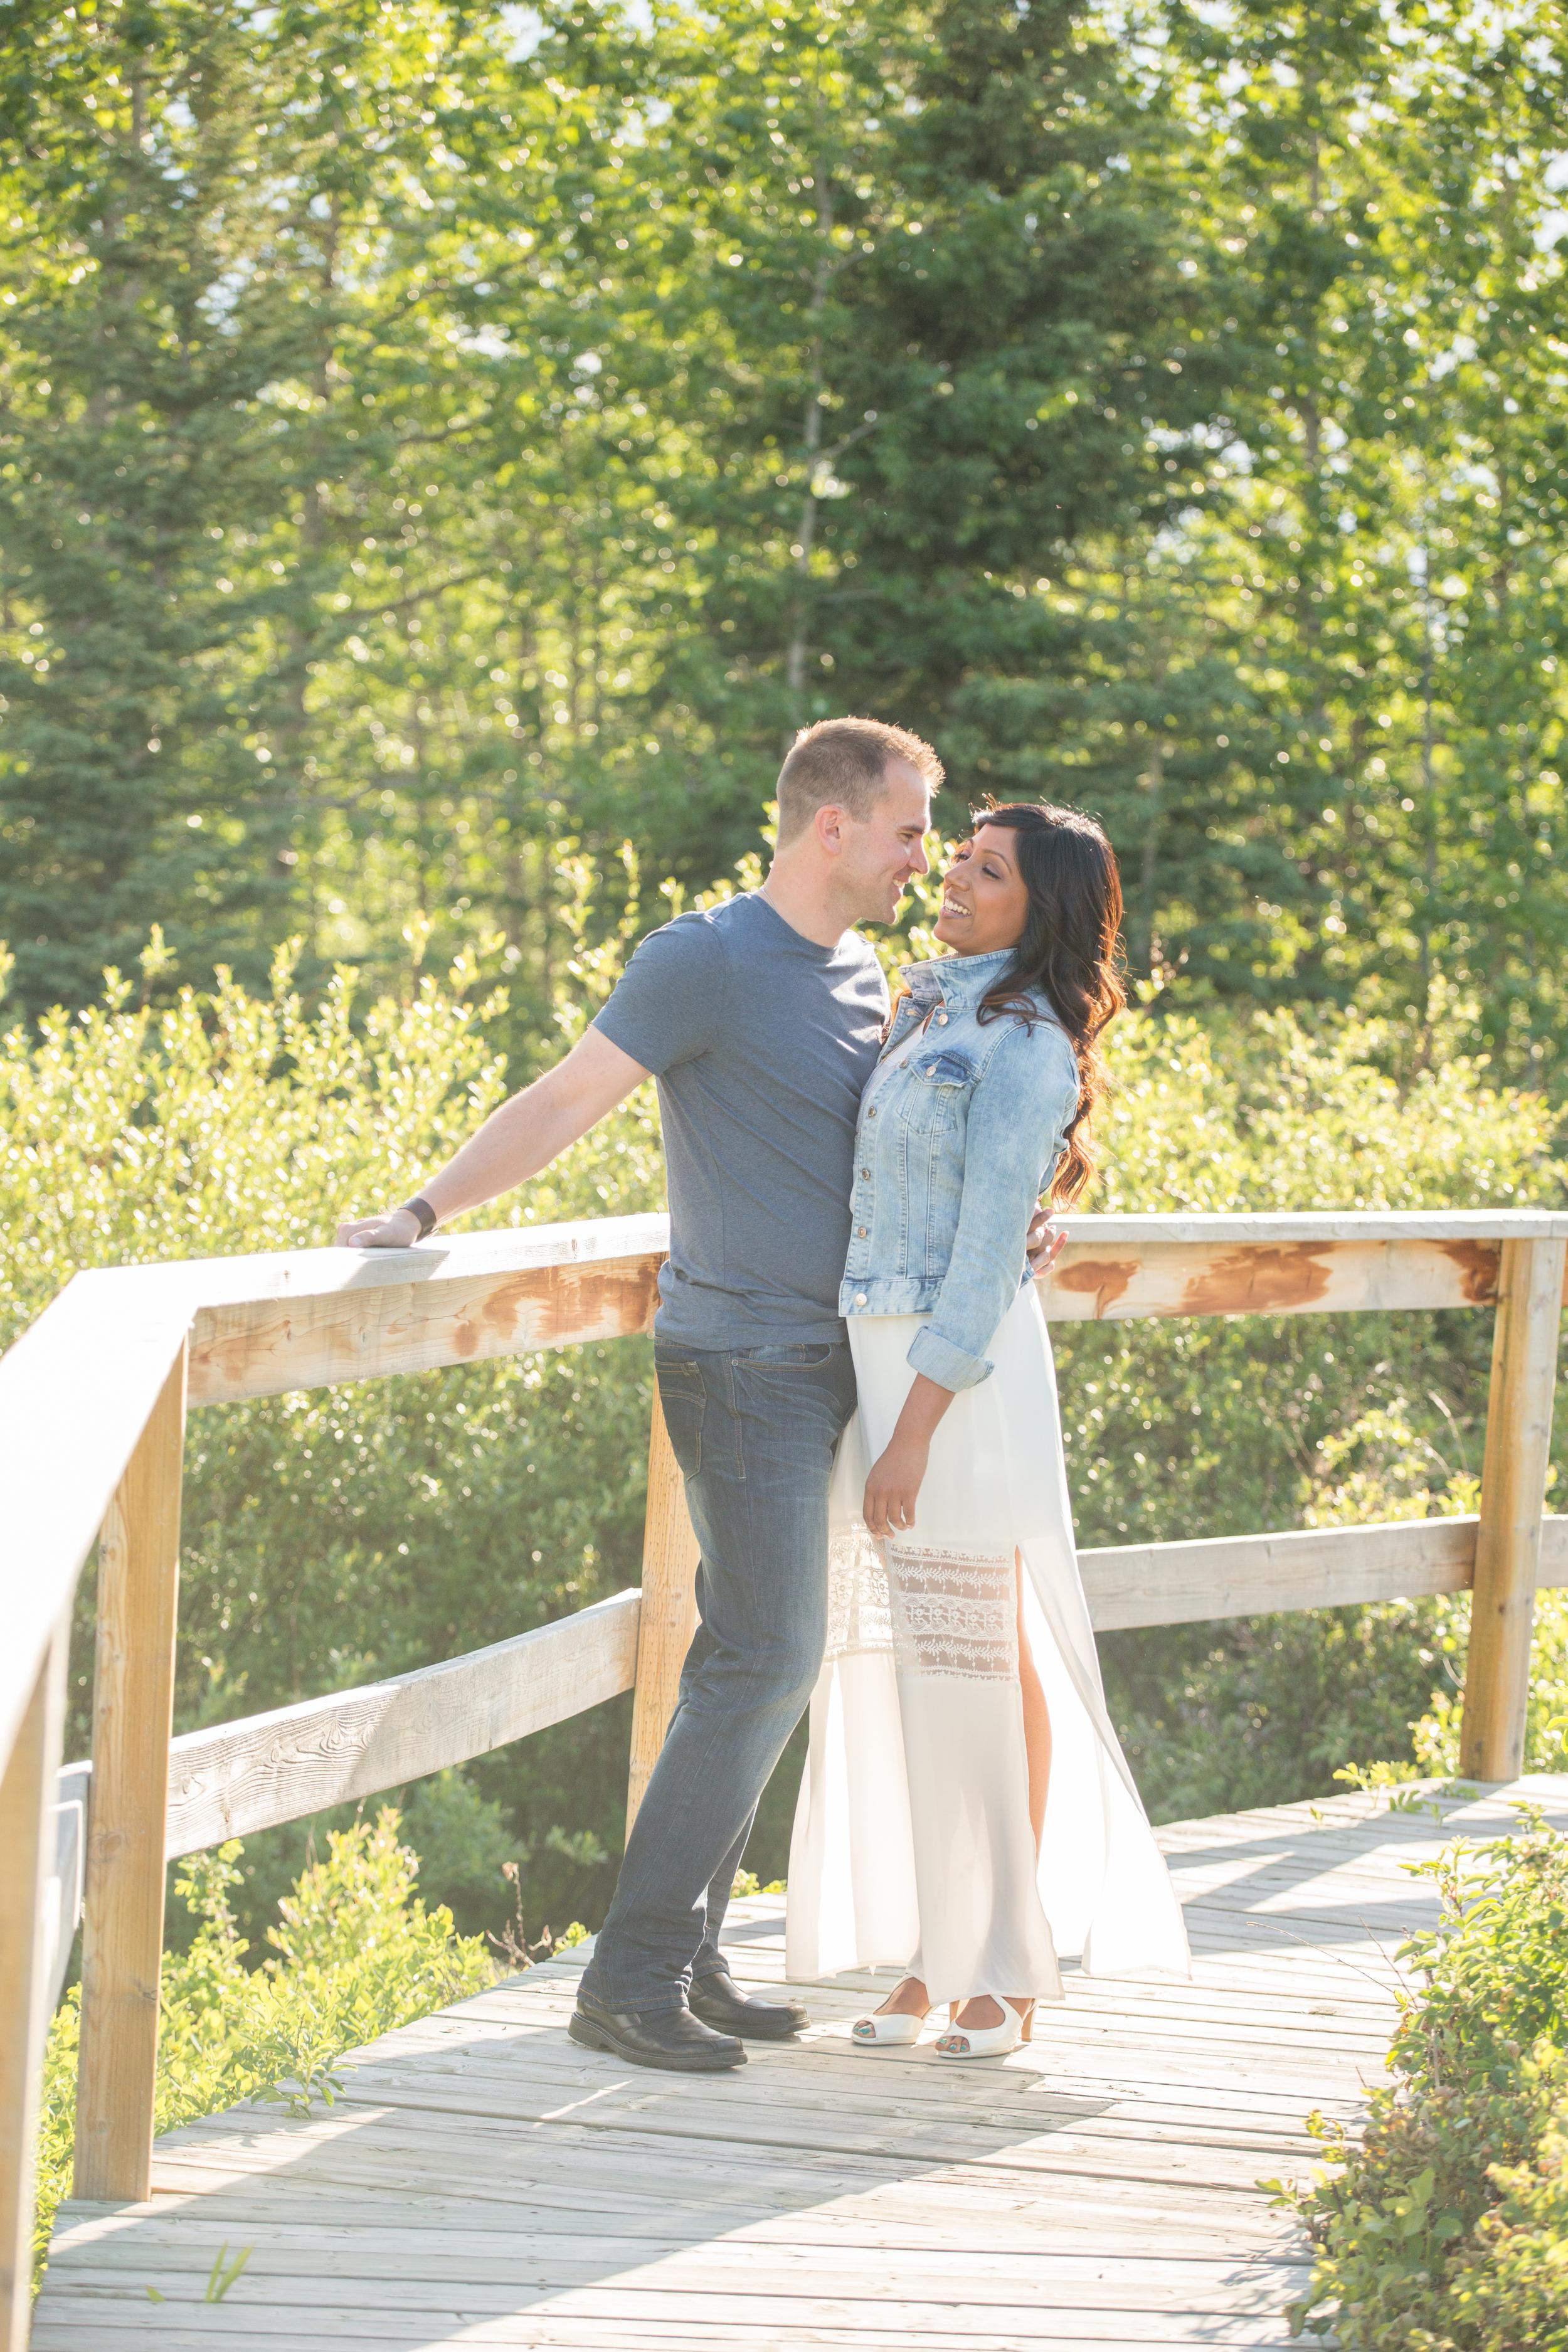 CalgaryPortraitPhotography - JananiRheal-05.jpg